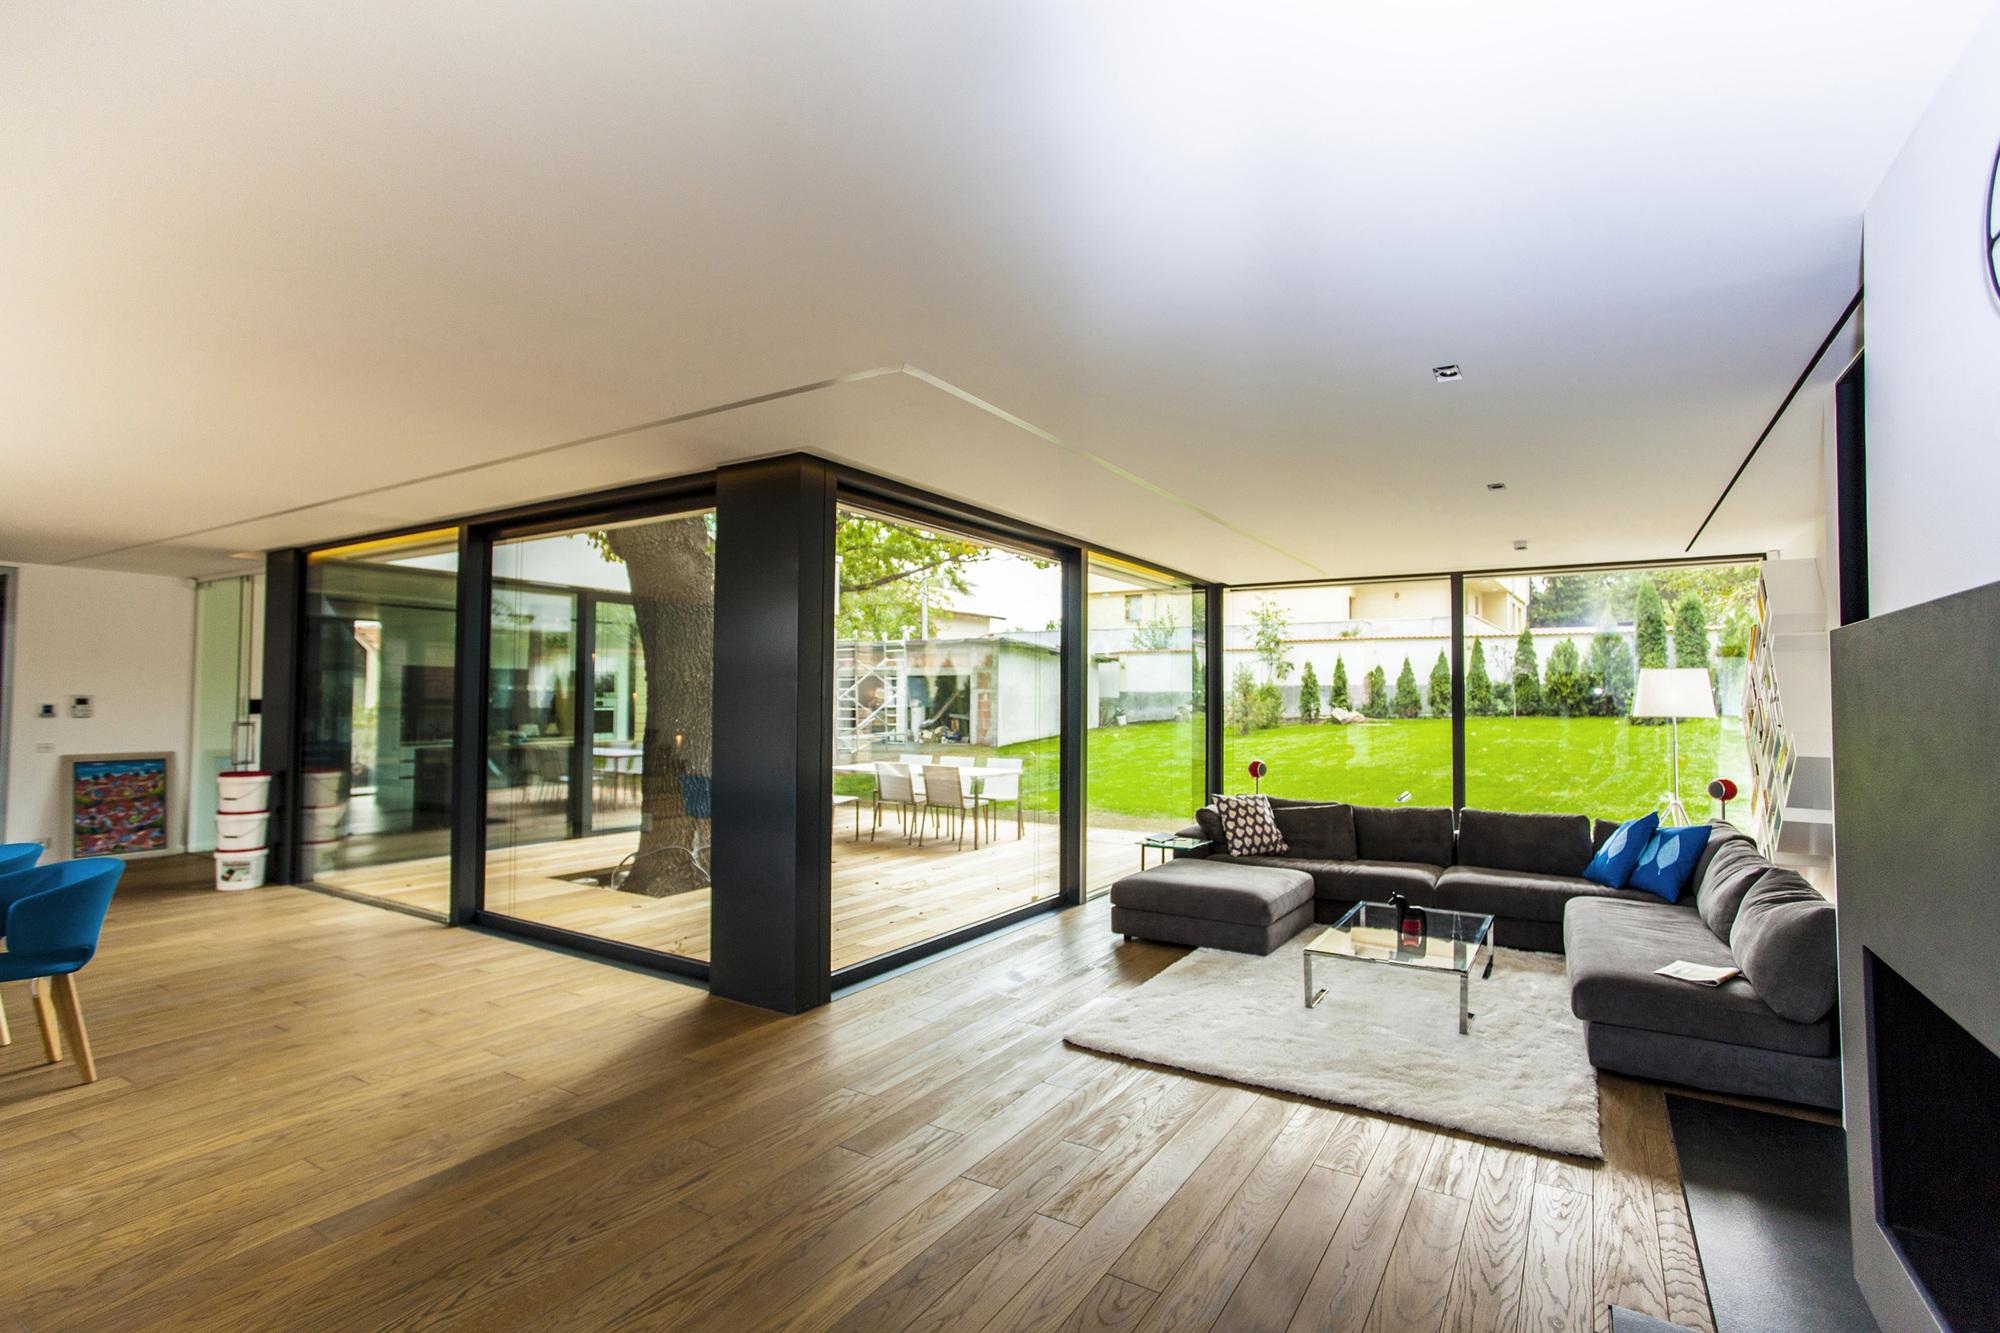 2-oaks-house-obia_obia_2oaks_image_11_alumina_elit